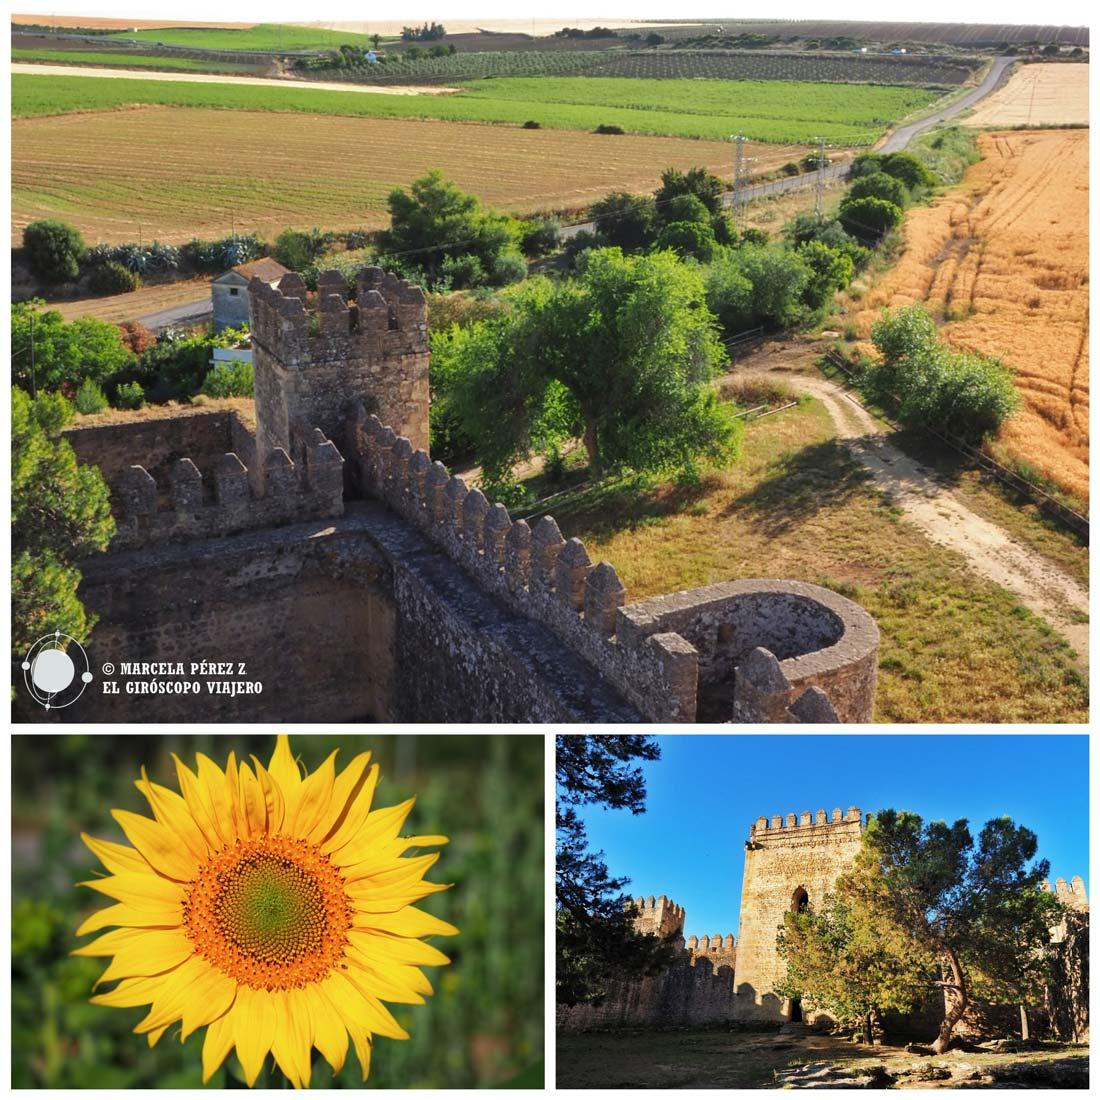 Detalles del Castillo de las Aguzaderas en El Coronil